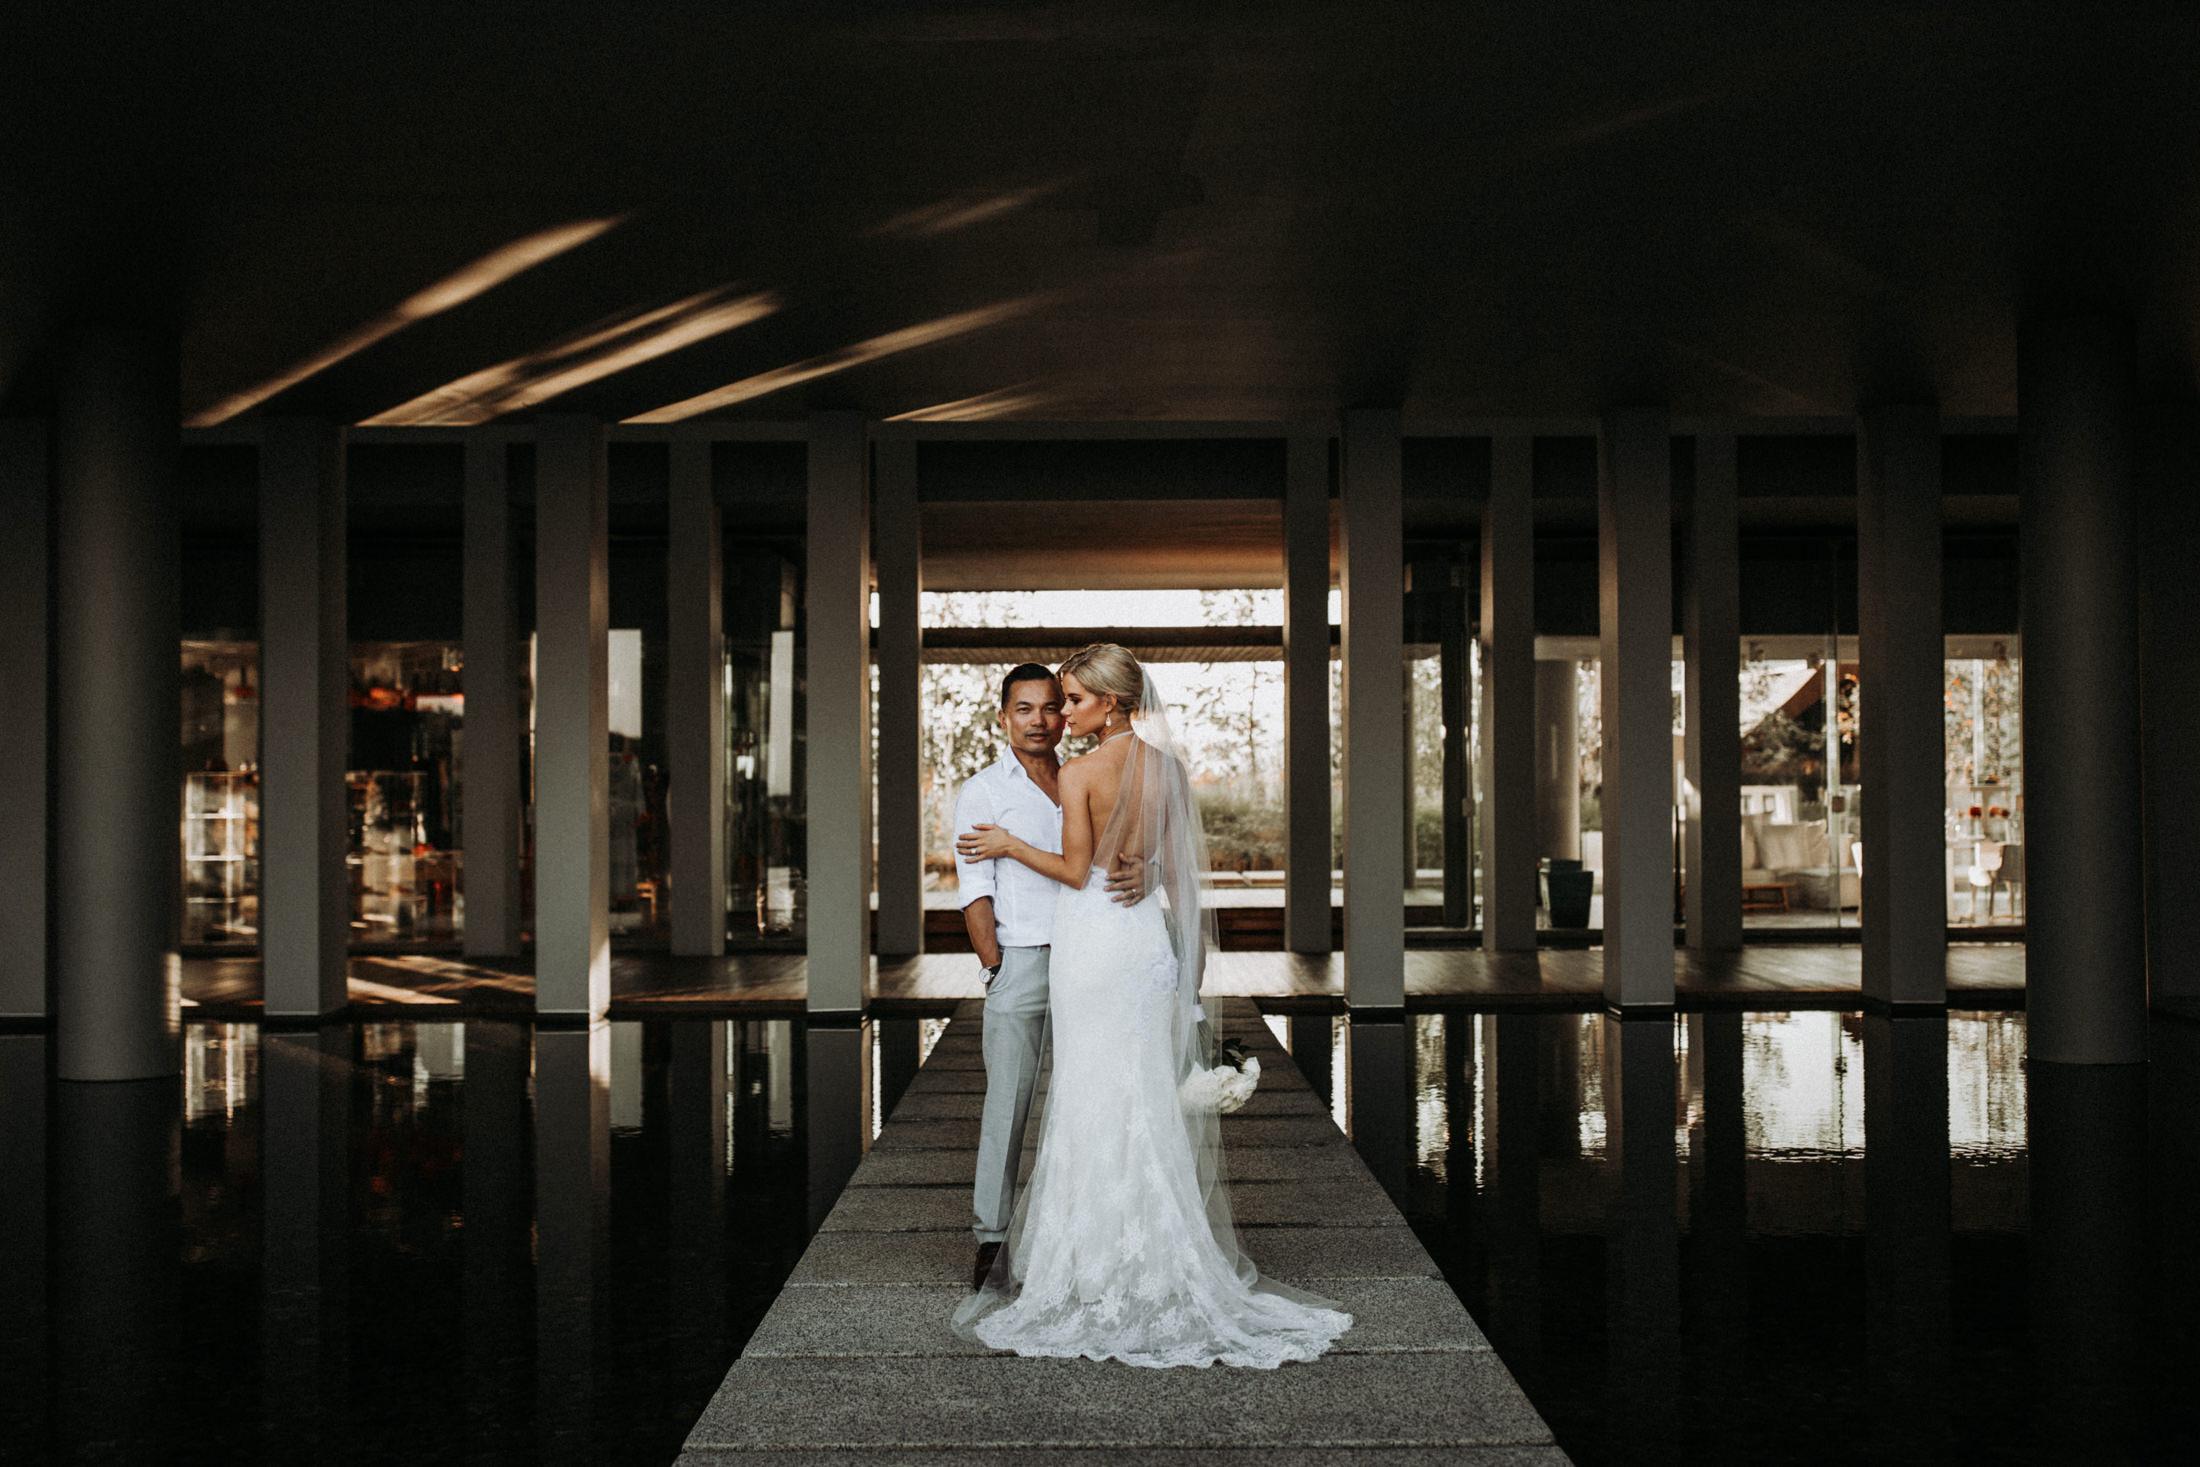 DanielaMarquardt_Wedding_Thailand_311